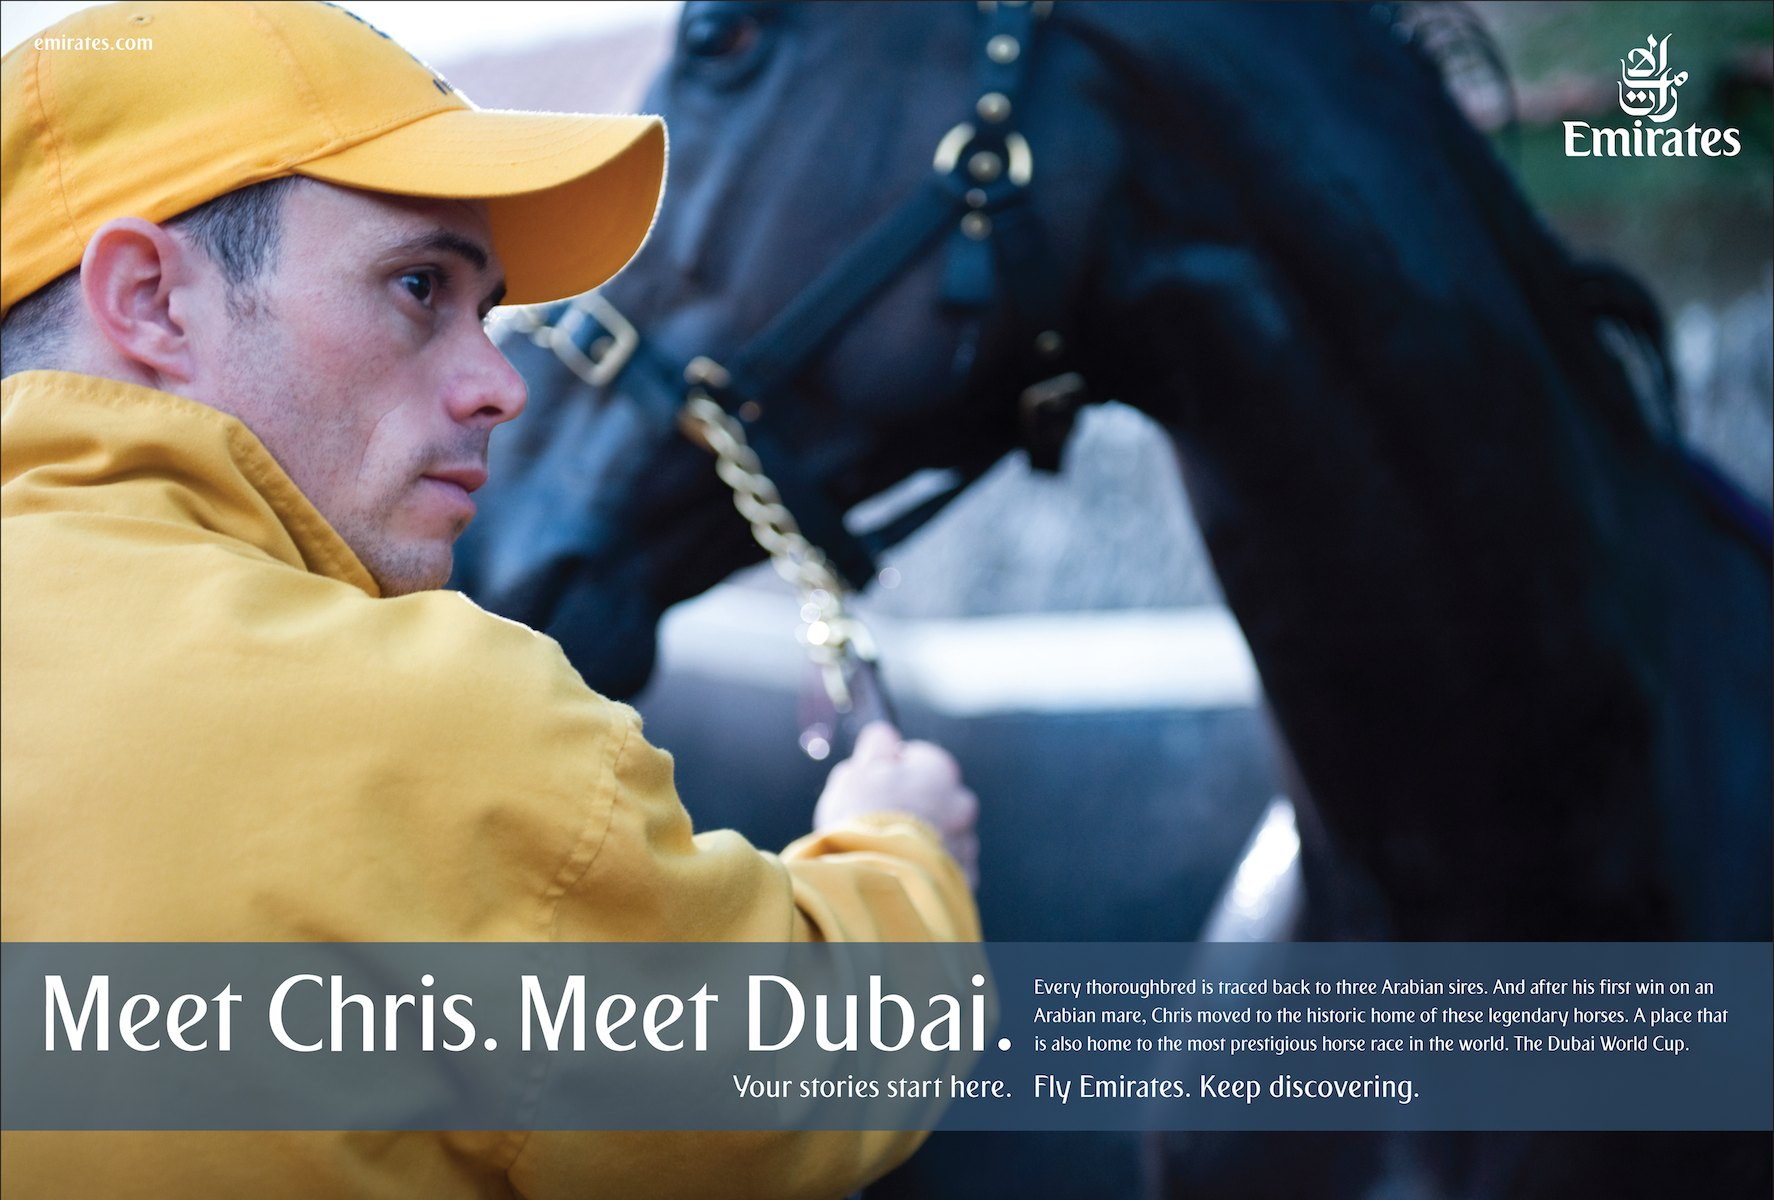 EK Meet Dxb Chris 420x297.jpg